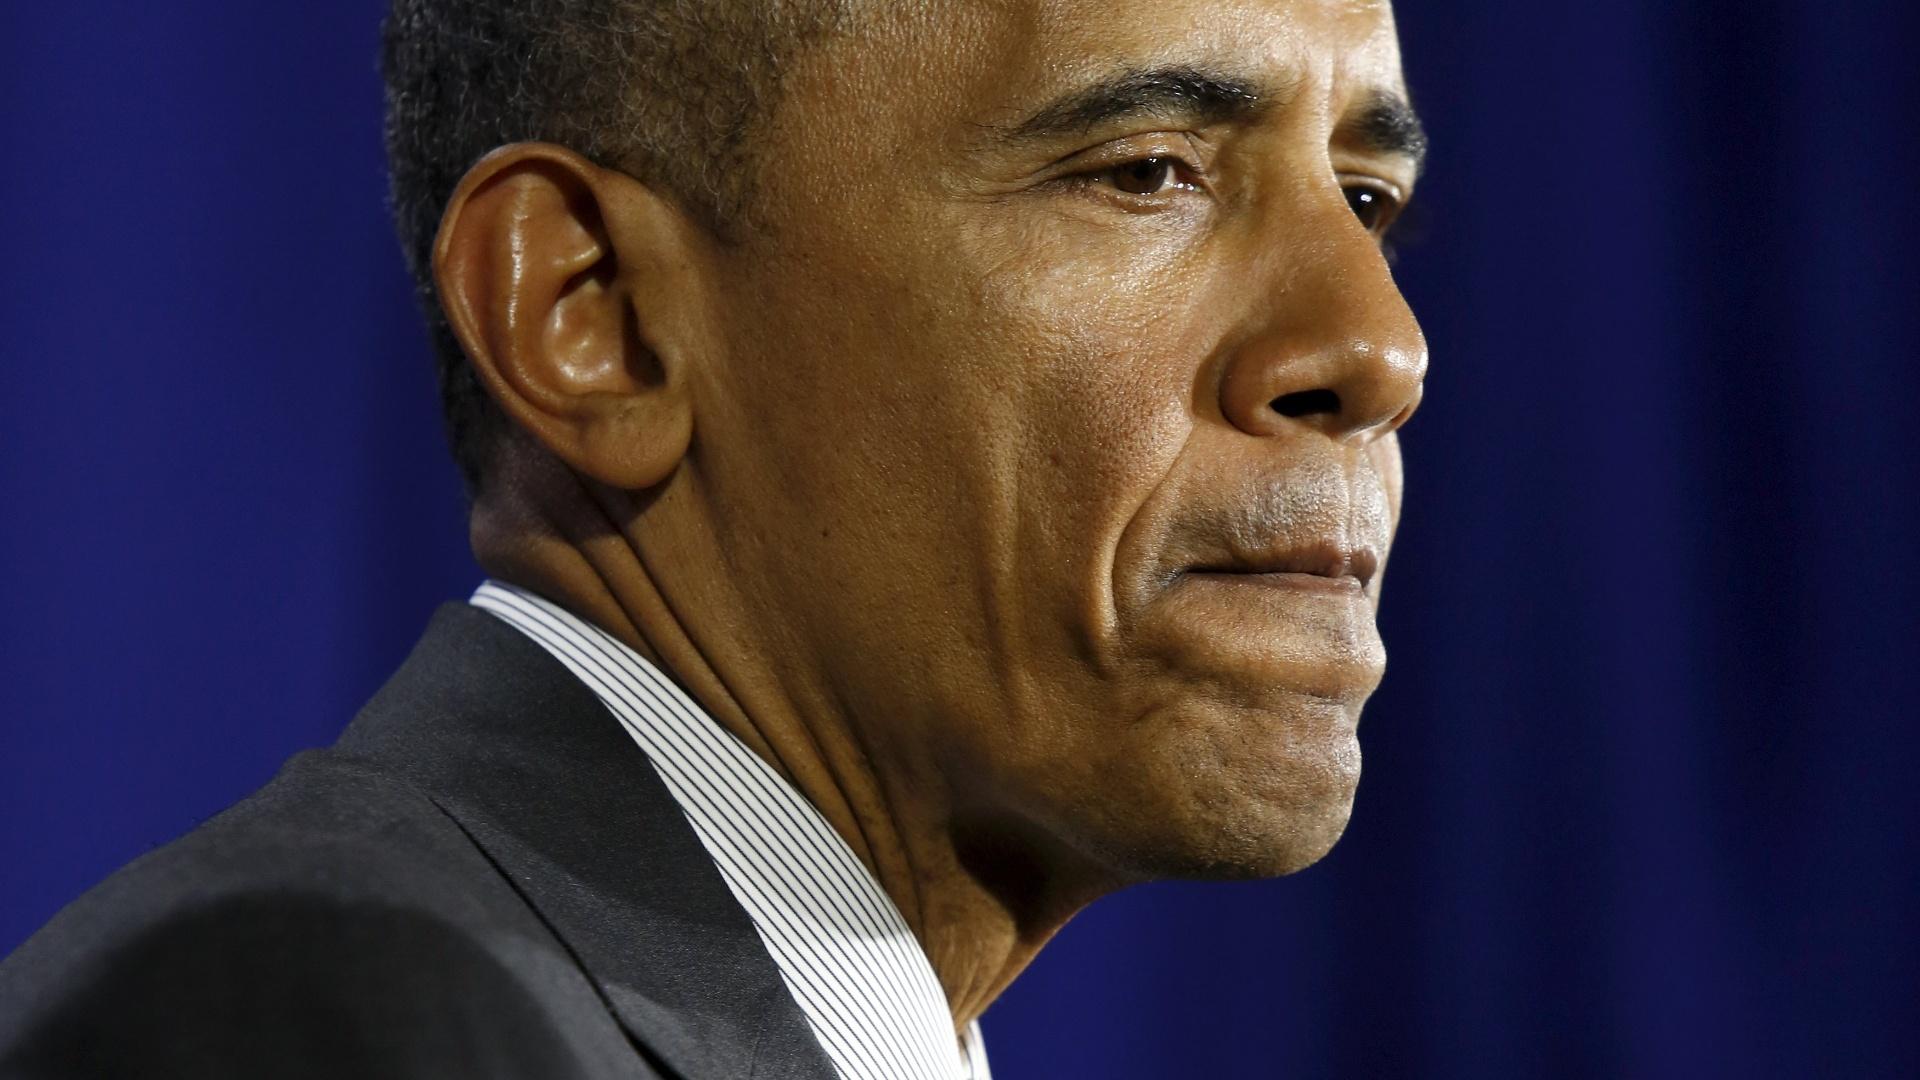 """Obama classifica violência nos EUA como uma """"epidemia"""""""